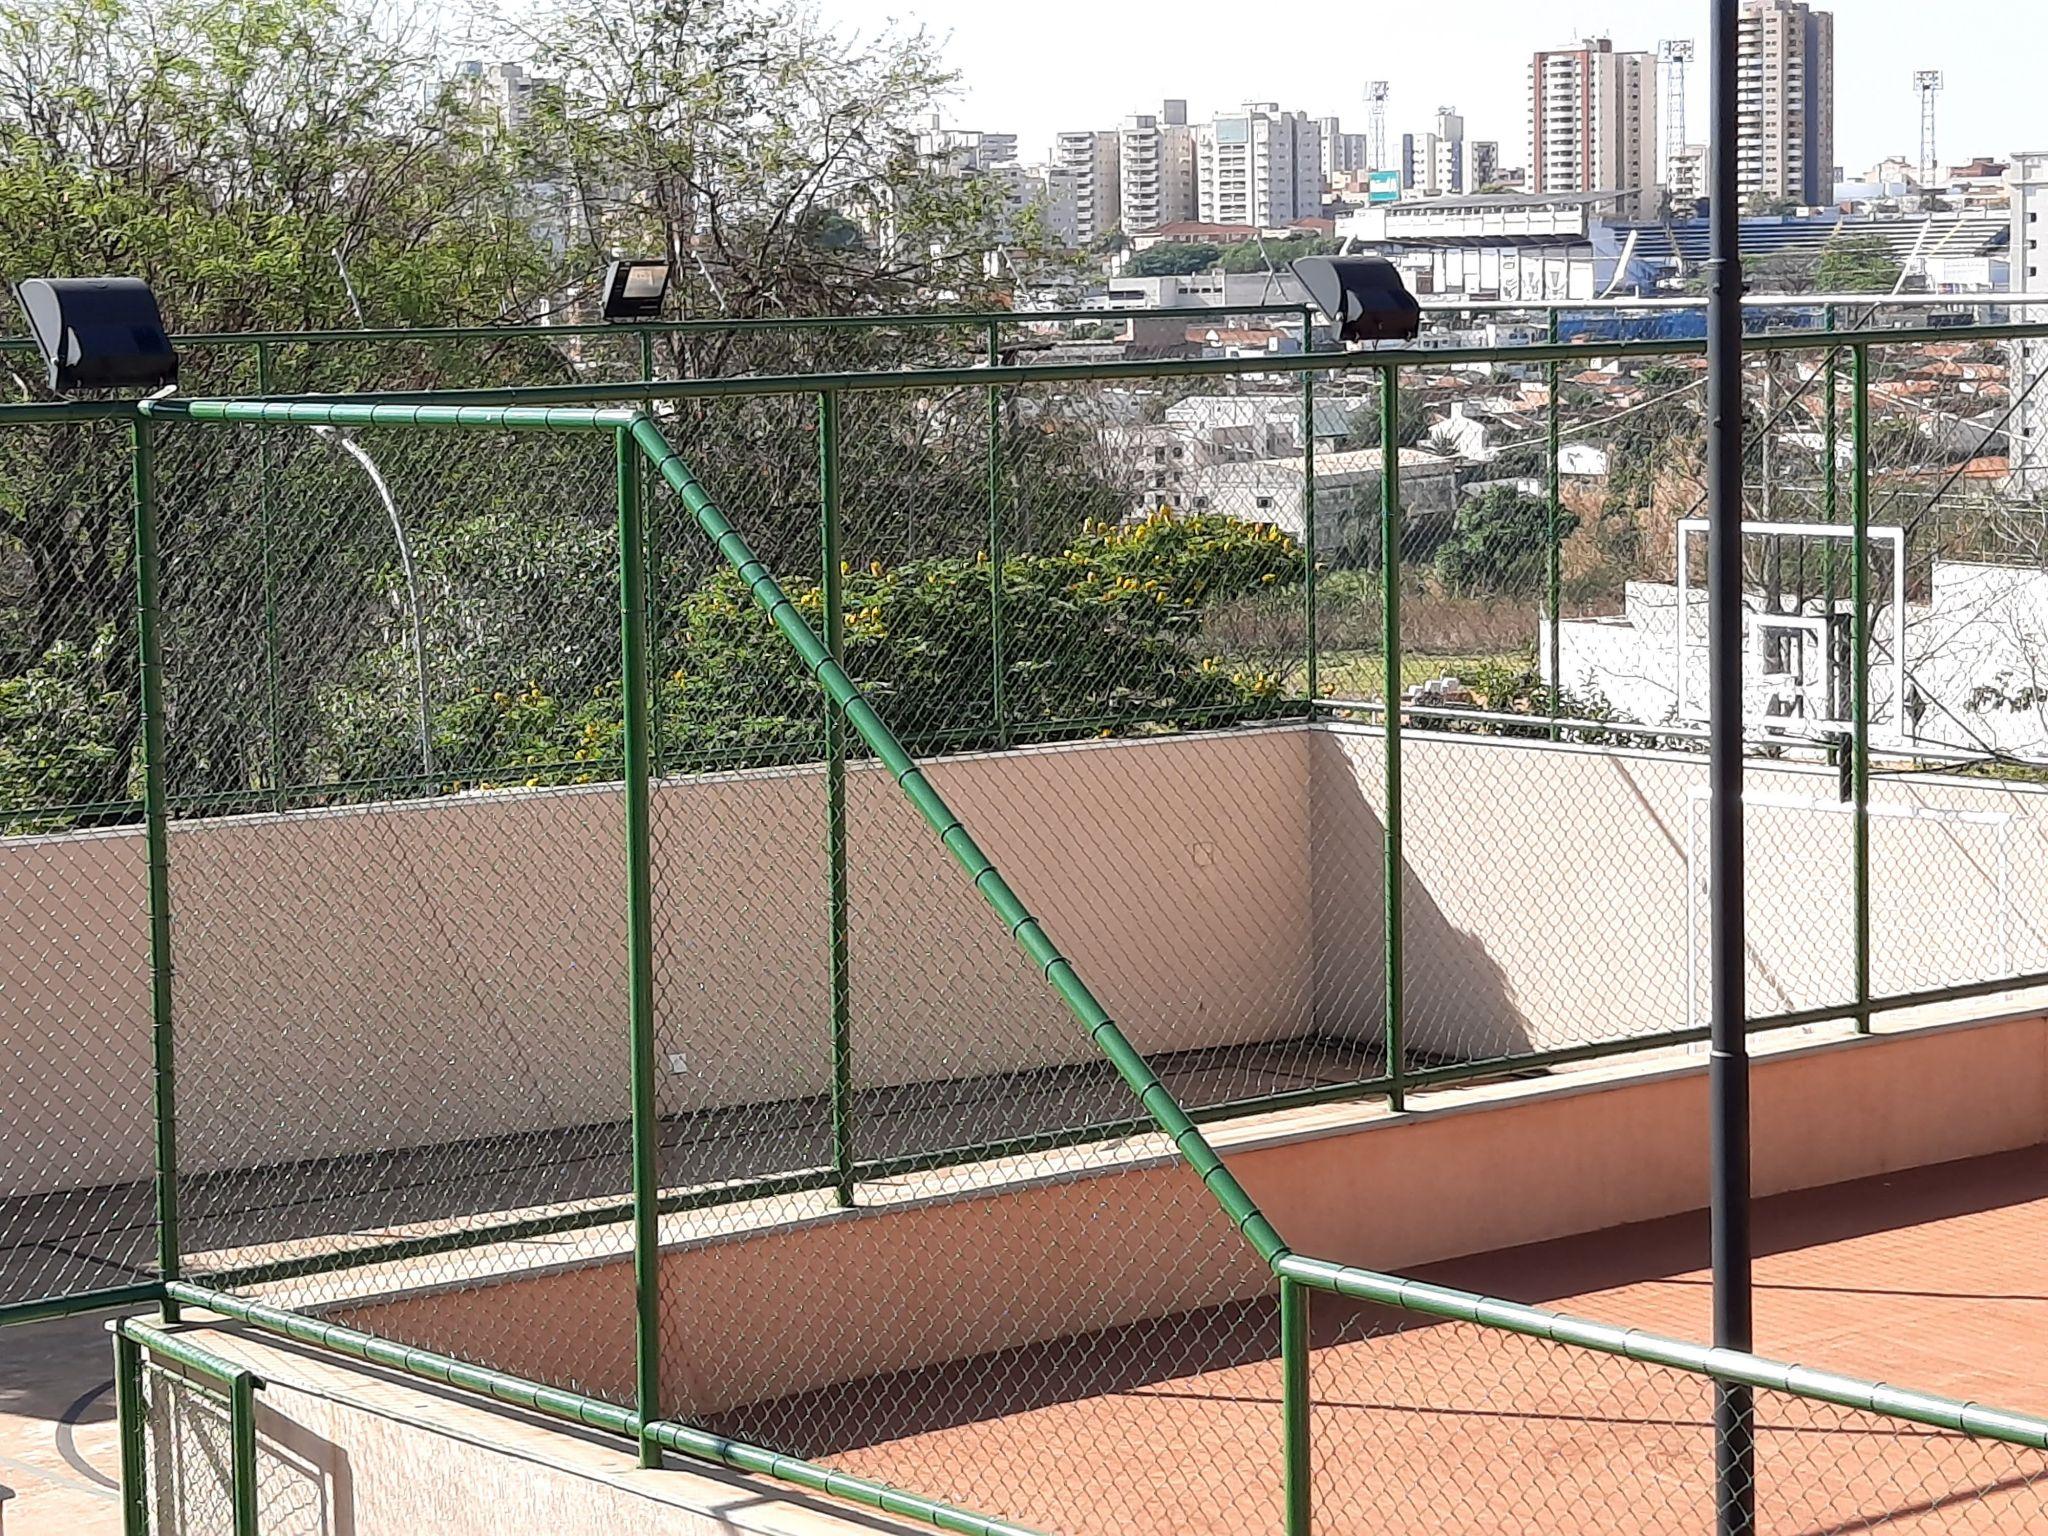 639 - CASA CONDOMÍNIO BARAÚNA 219M² 4 SUÍTES